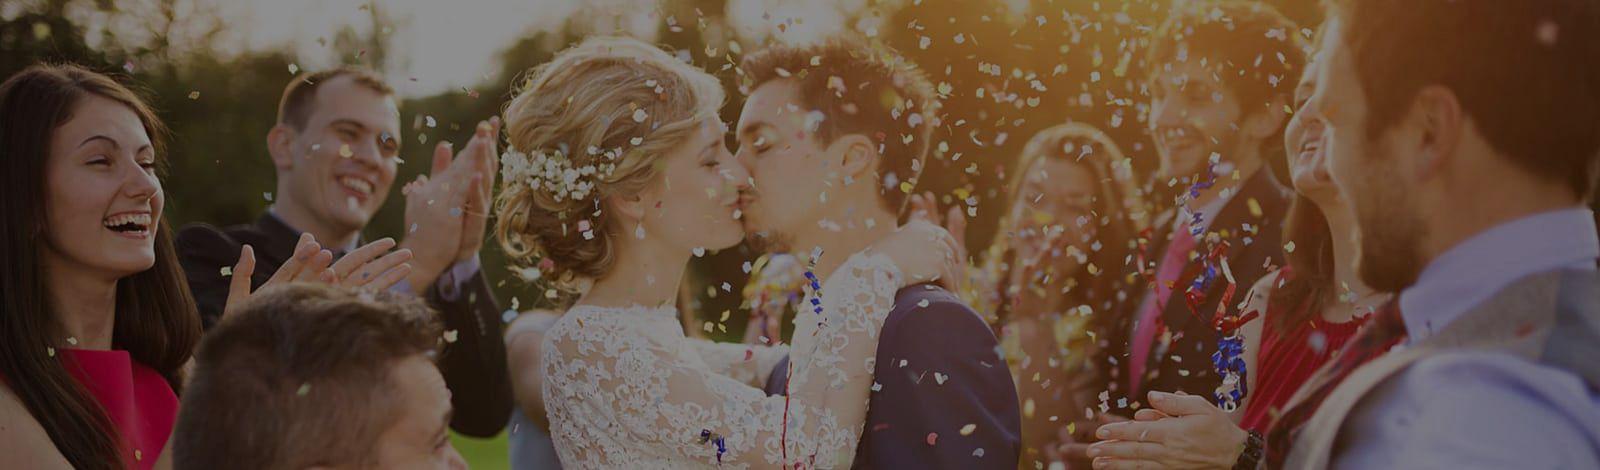 dj-bonn_Hochzeit_Teaser2